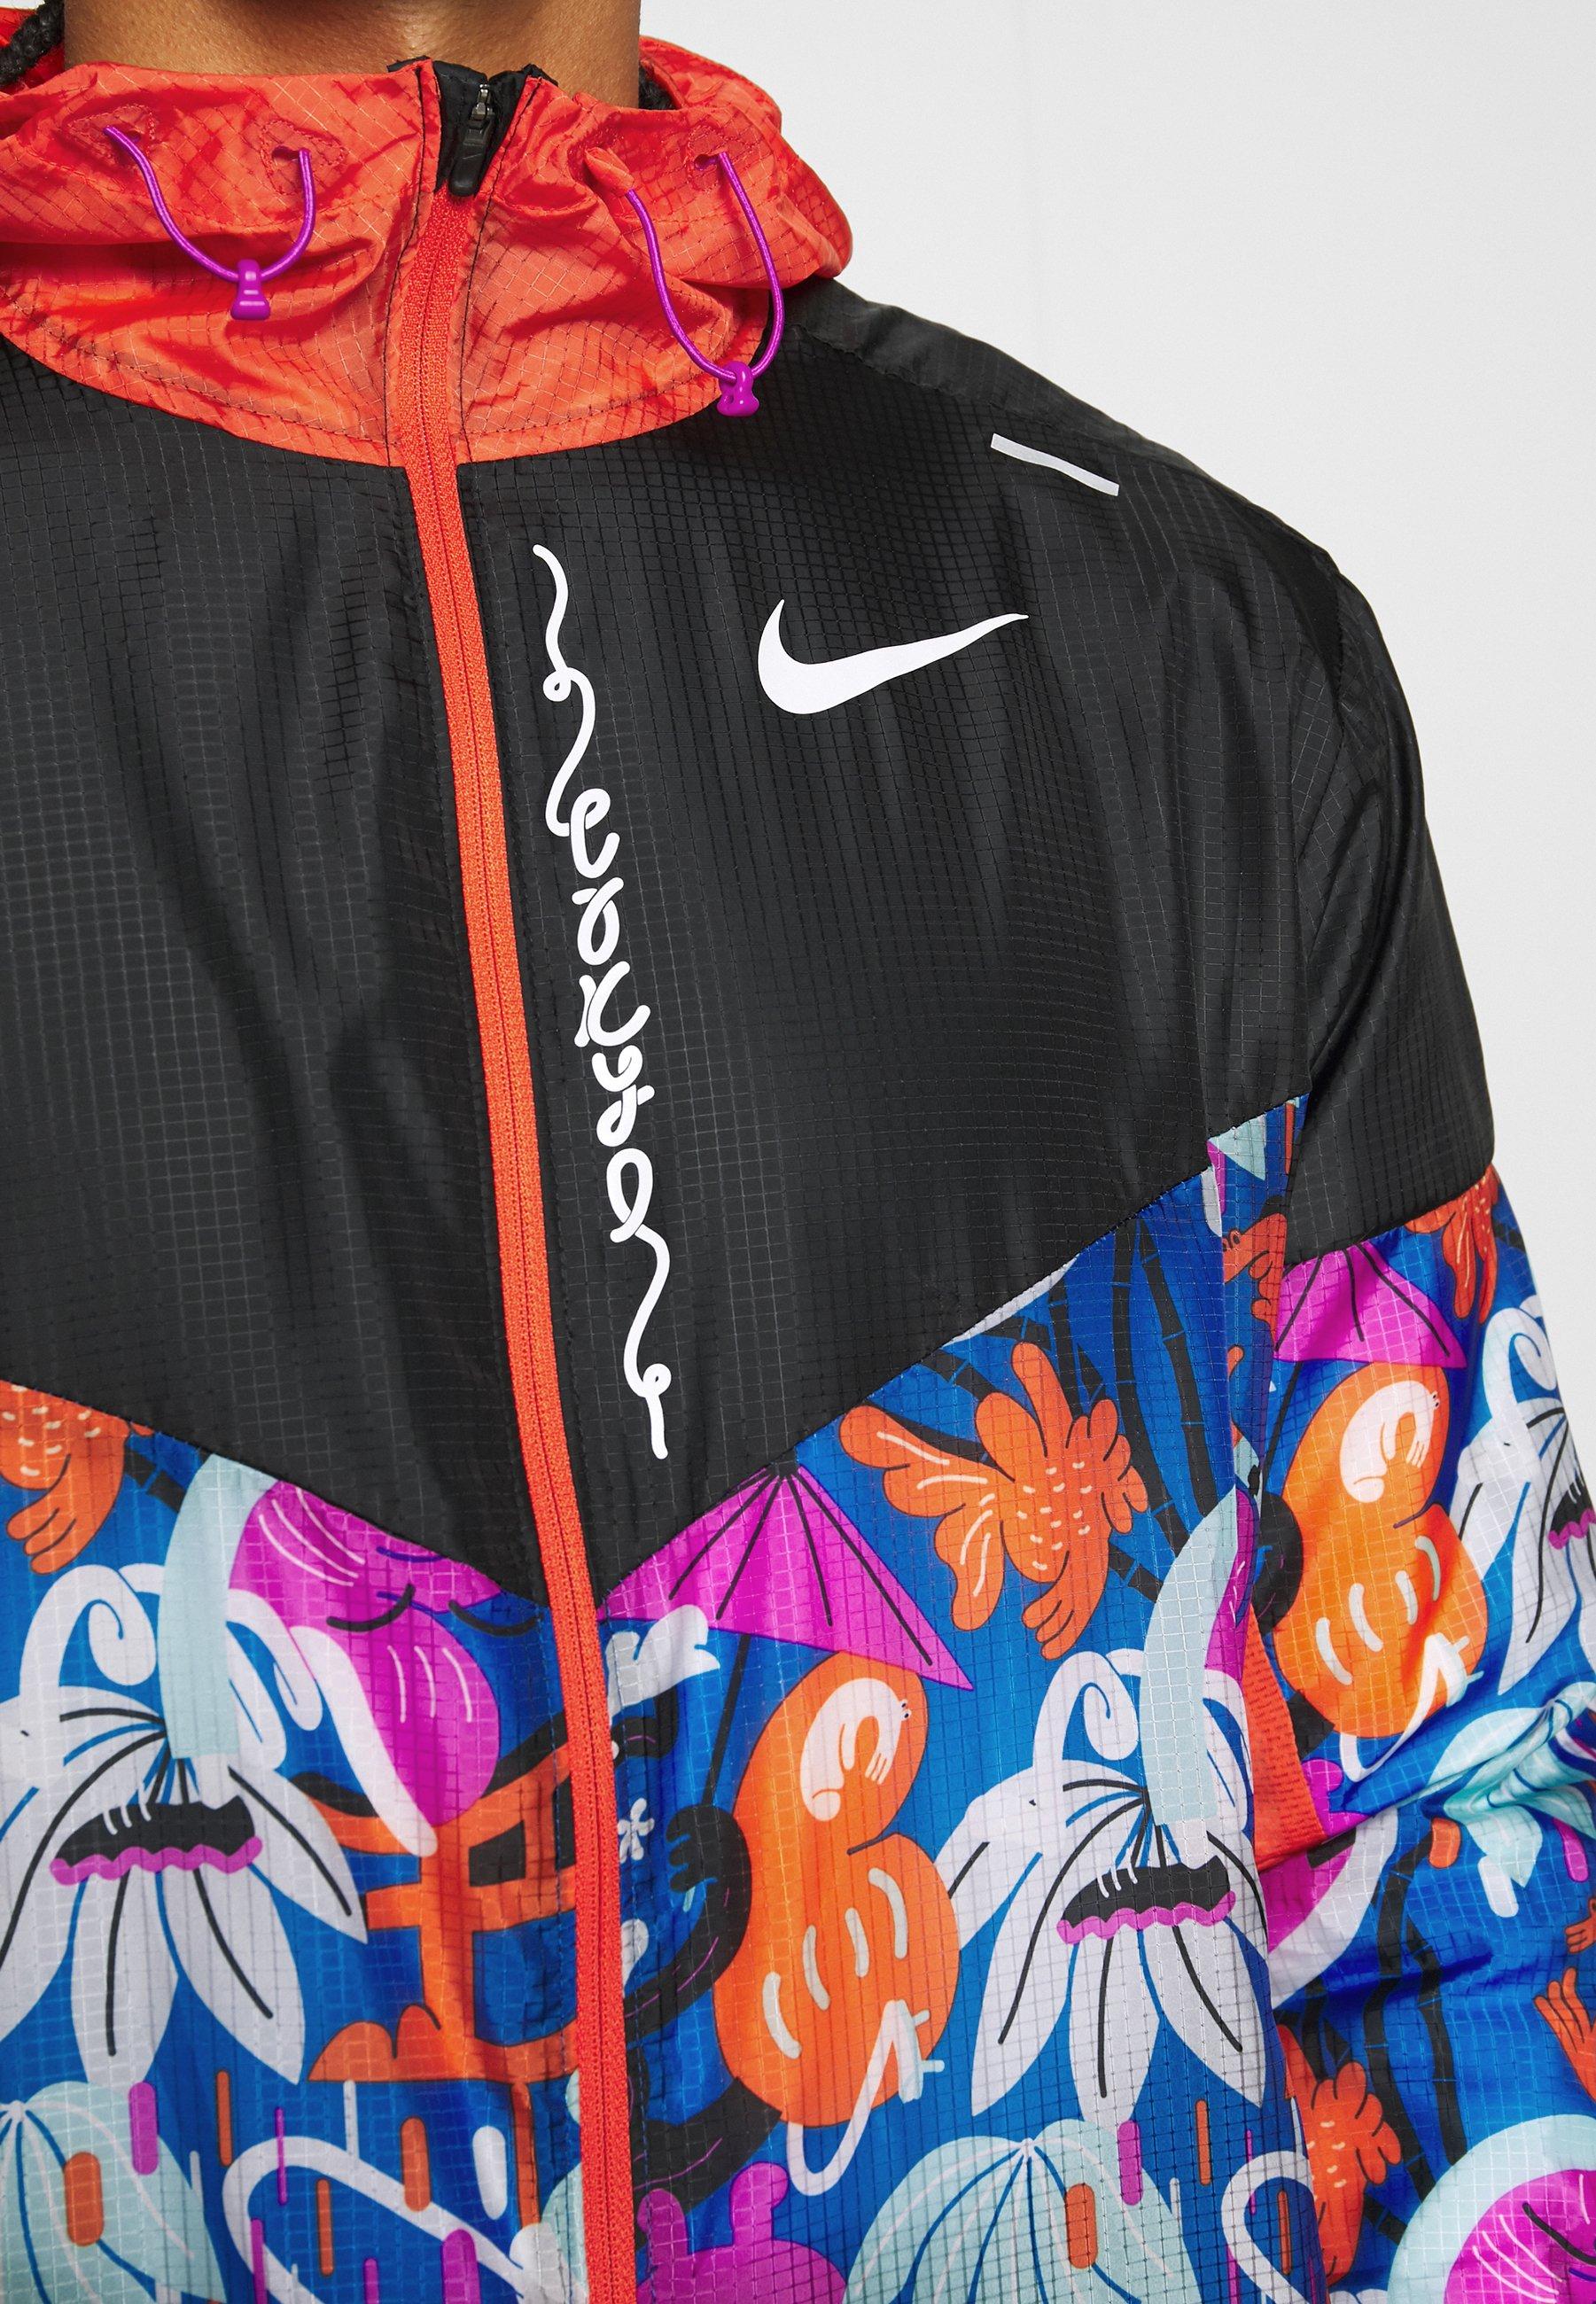 Alhaisen Hinnan Myynti Miesten vaatteet Sarja dfKJIUp97454sfGHYHD Nike Performance WINDRUNNER Juoksutakki black/team orange